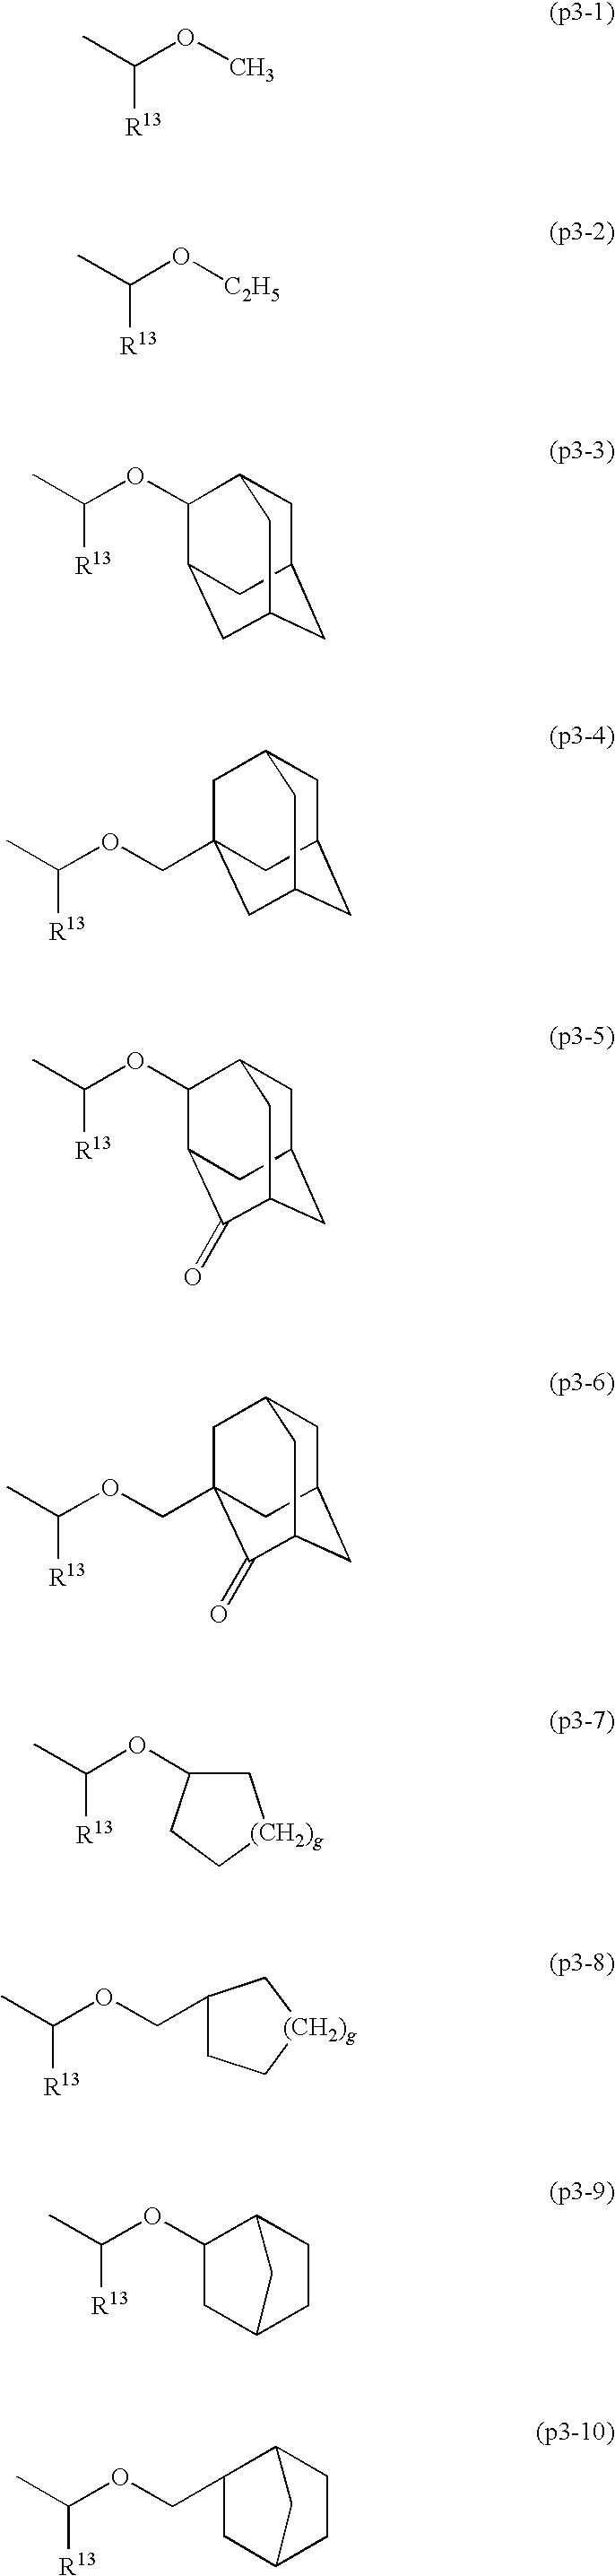 Figure US20100136480A1-20100603-C00017